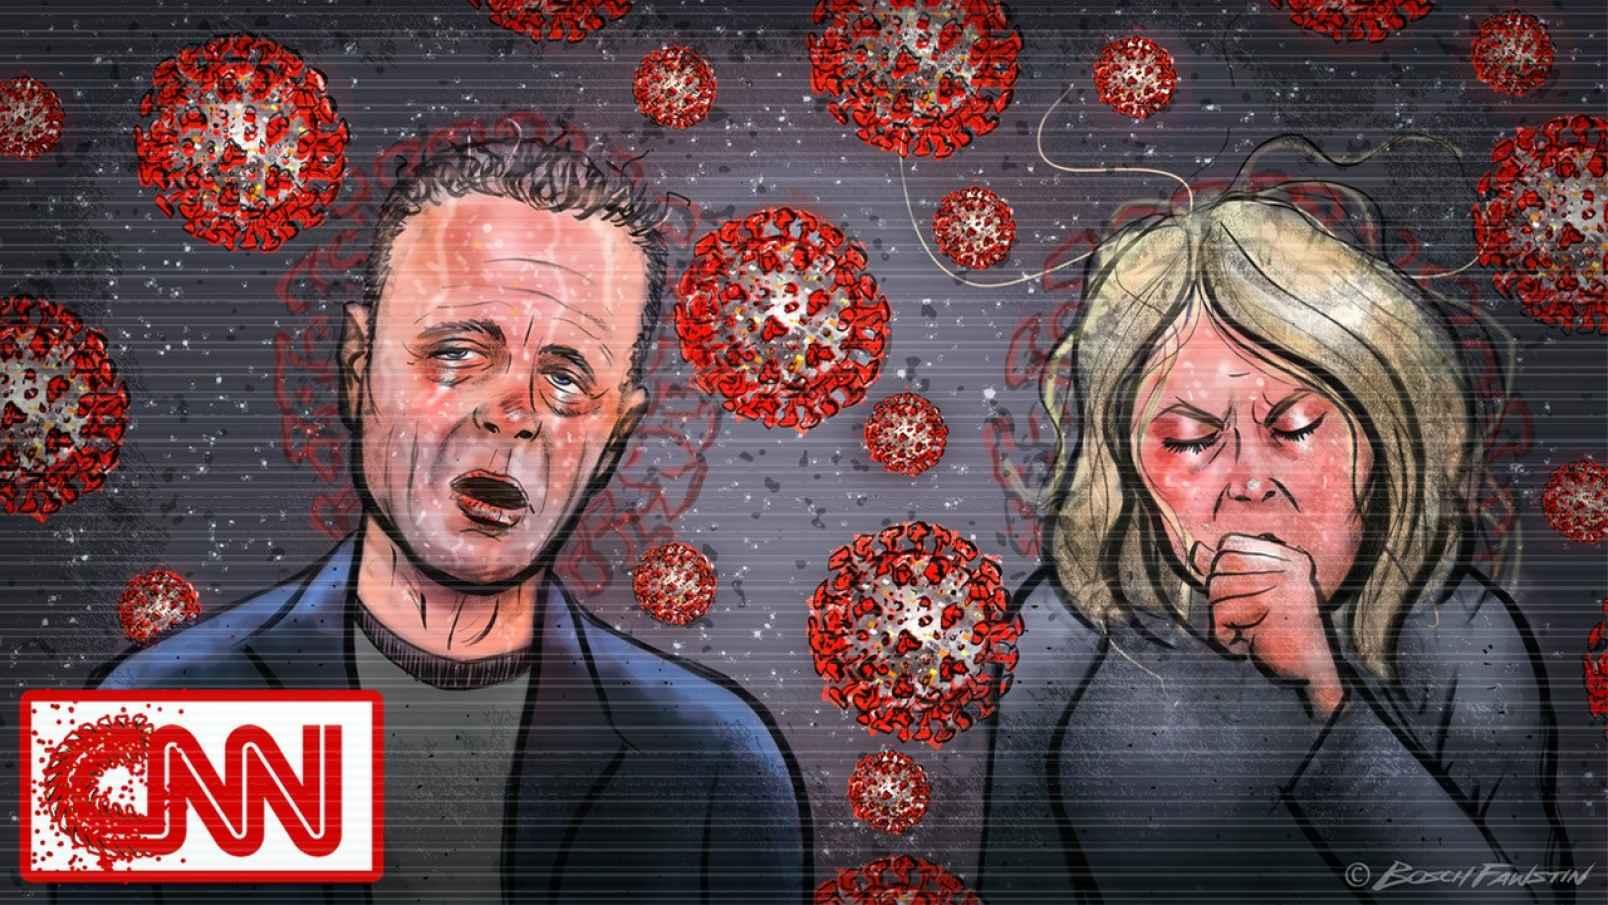 Is CNN Spreading Coronavirus?